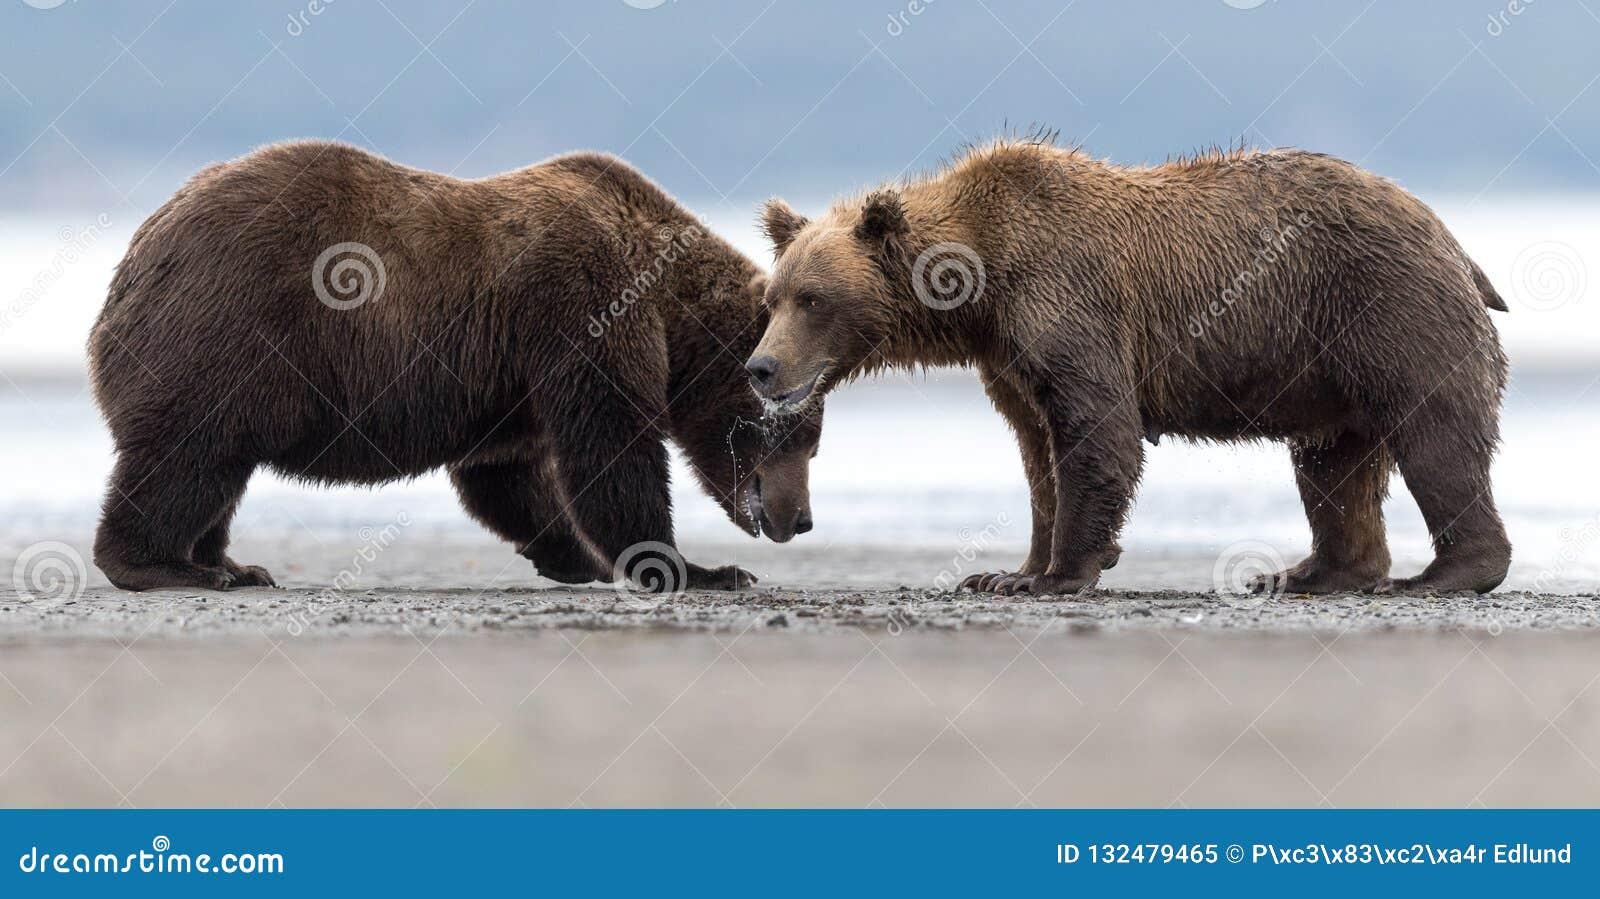 Due orsi grigii arrabbiati studiano la possibilità di iniziare una lotta